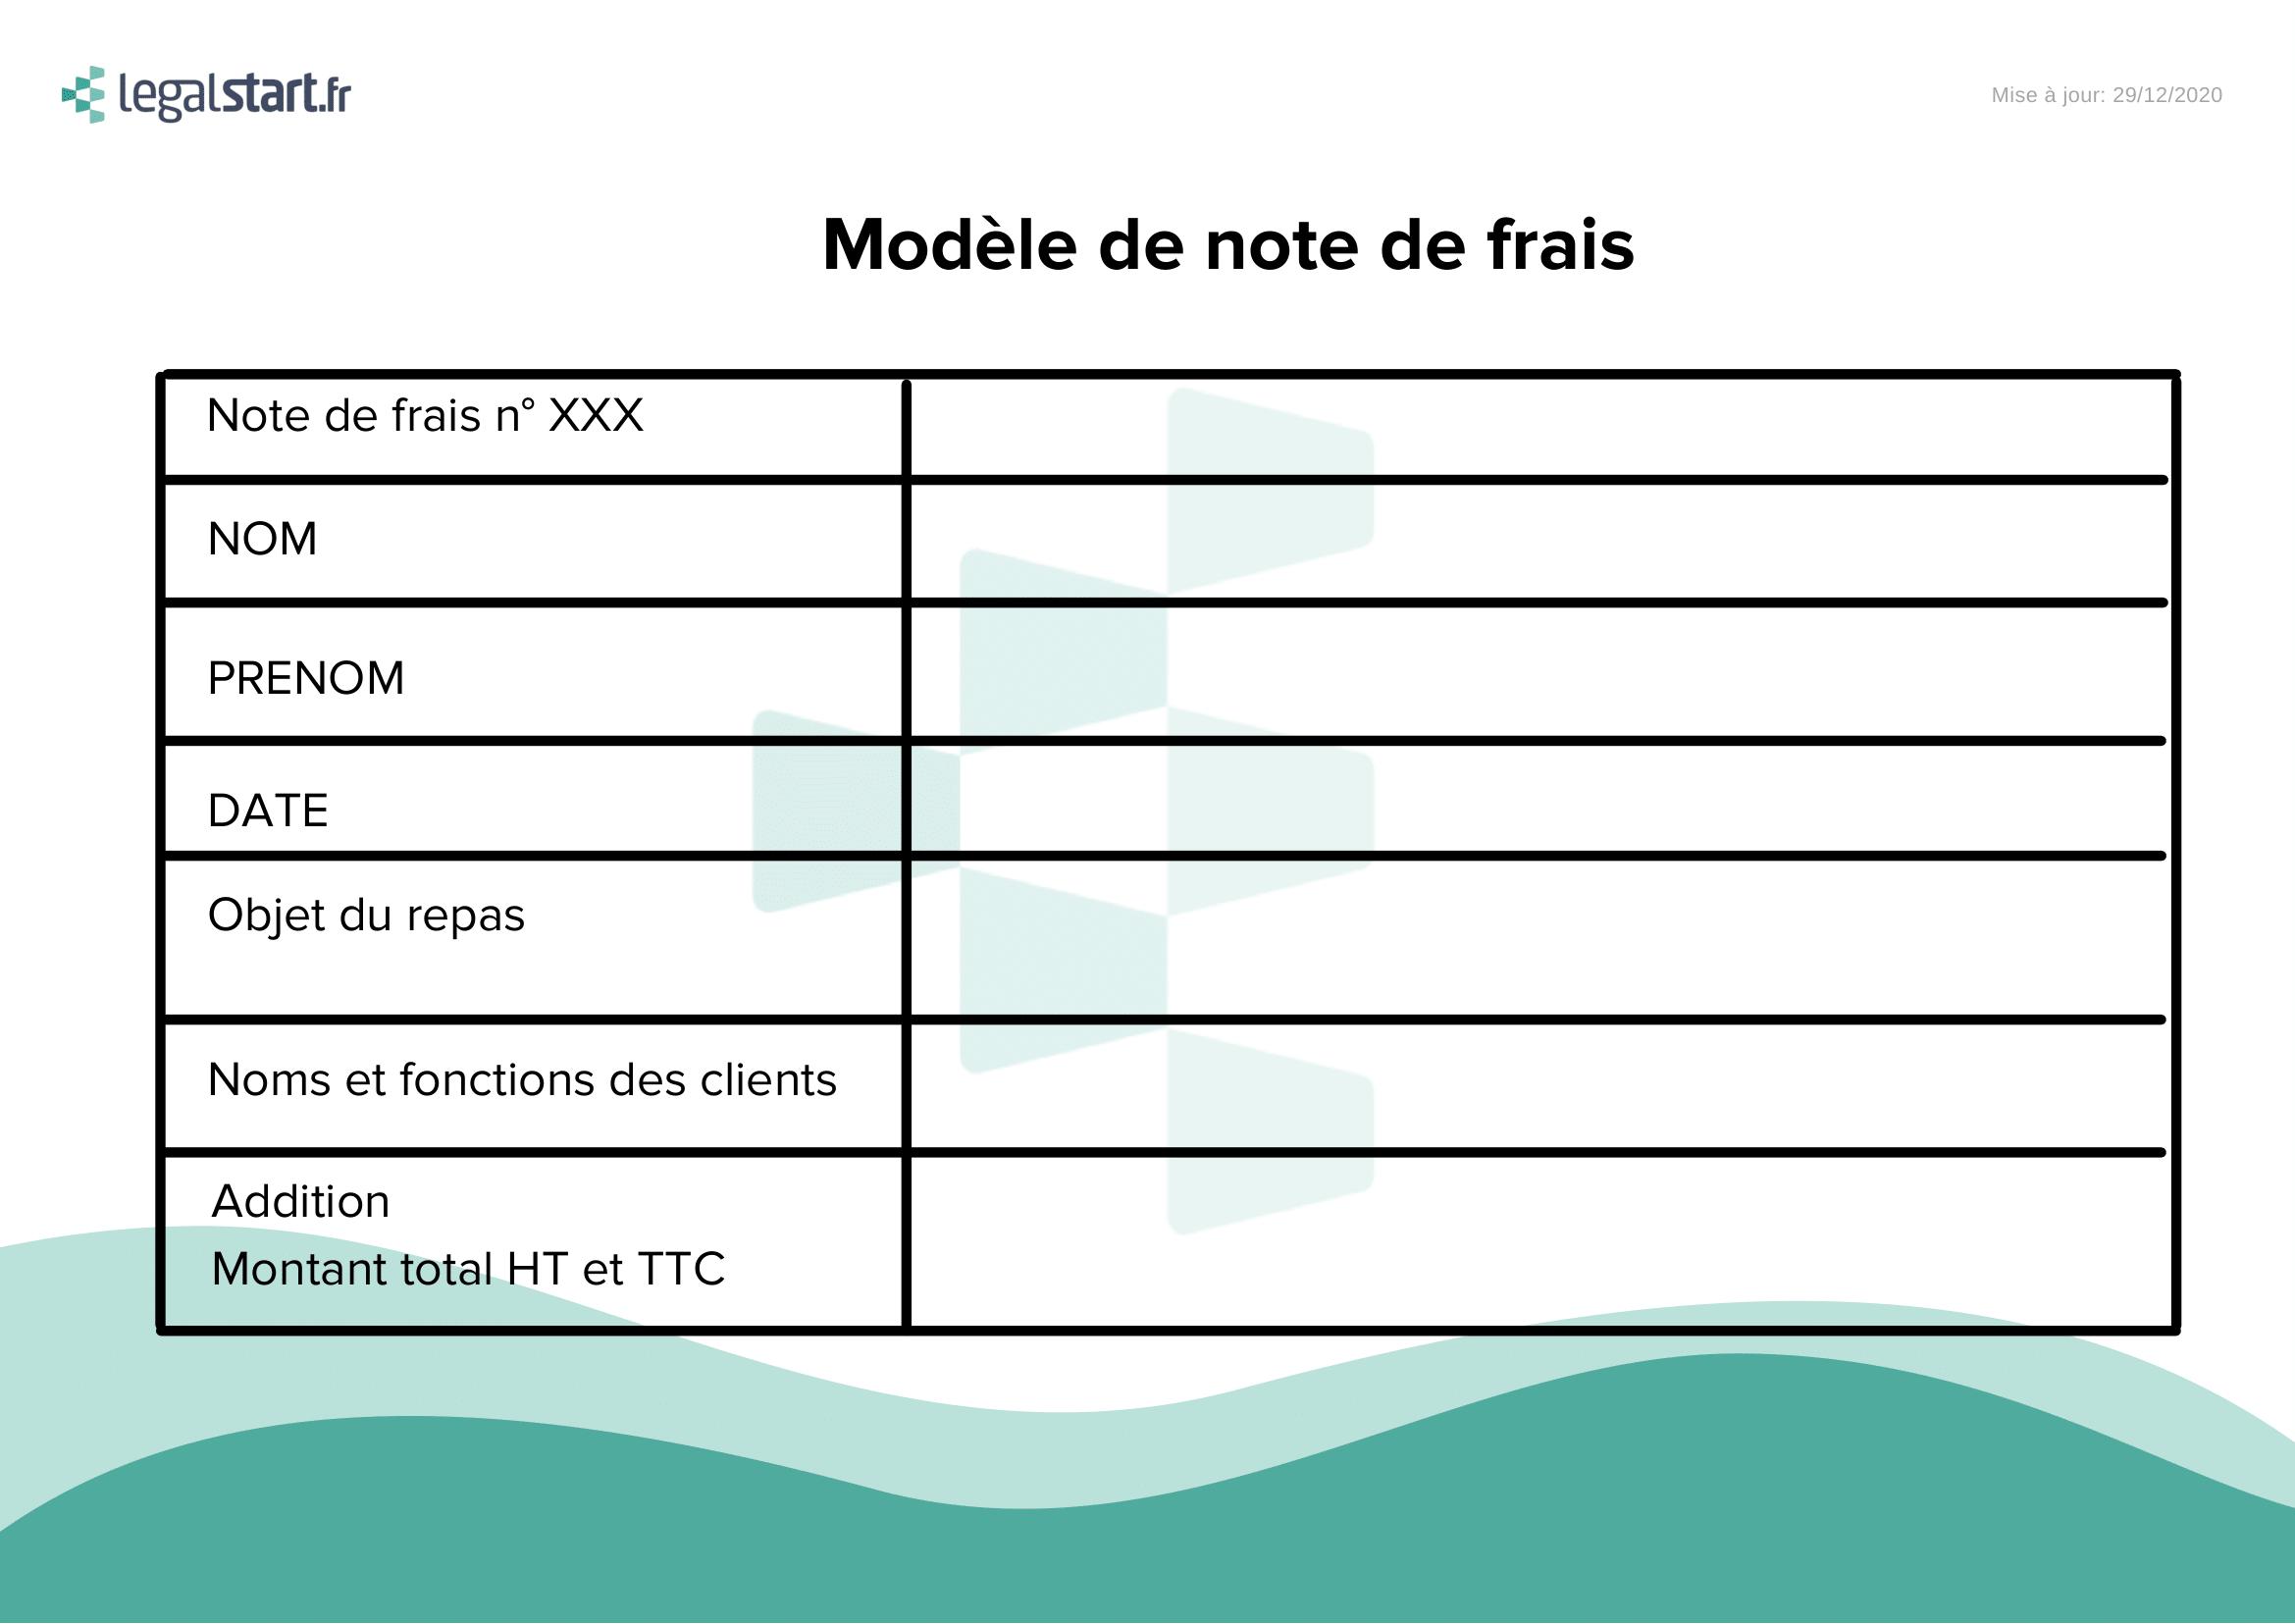 modèle de note de frais